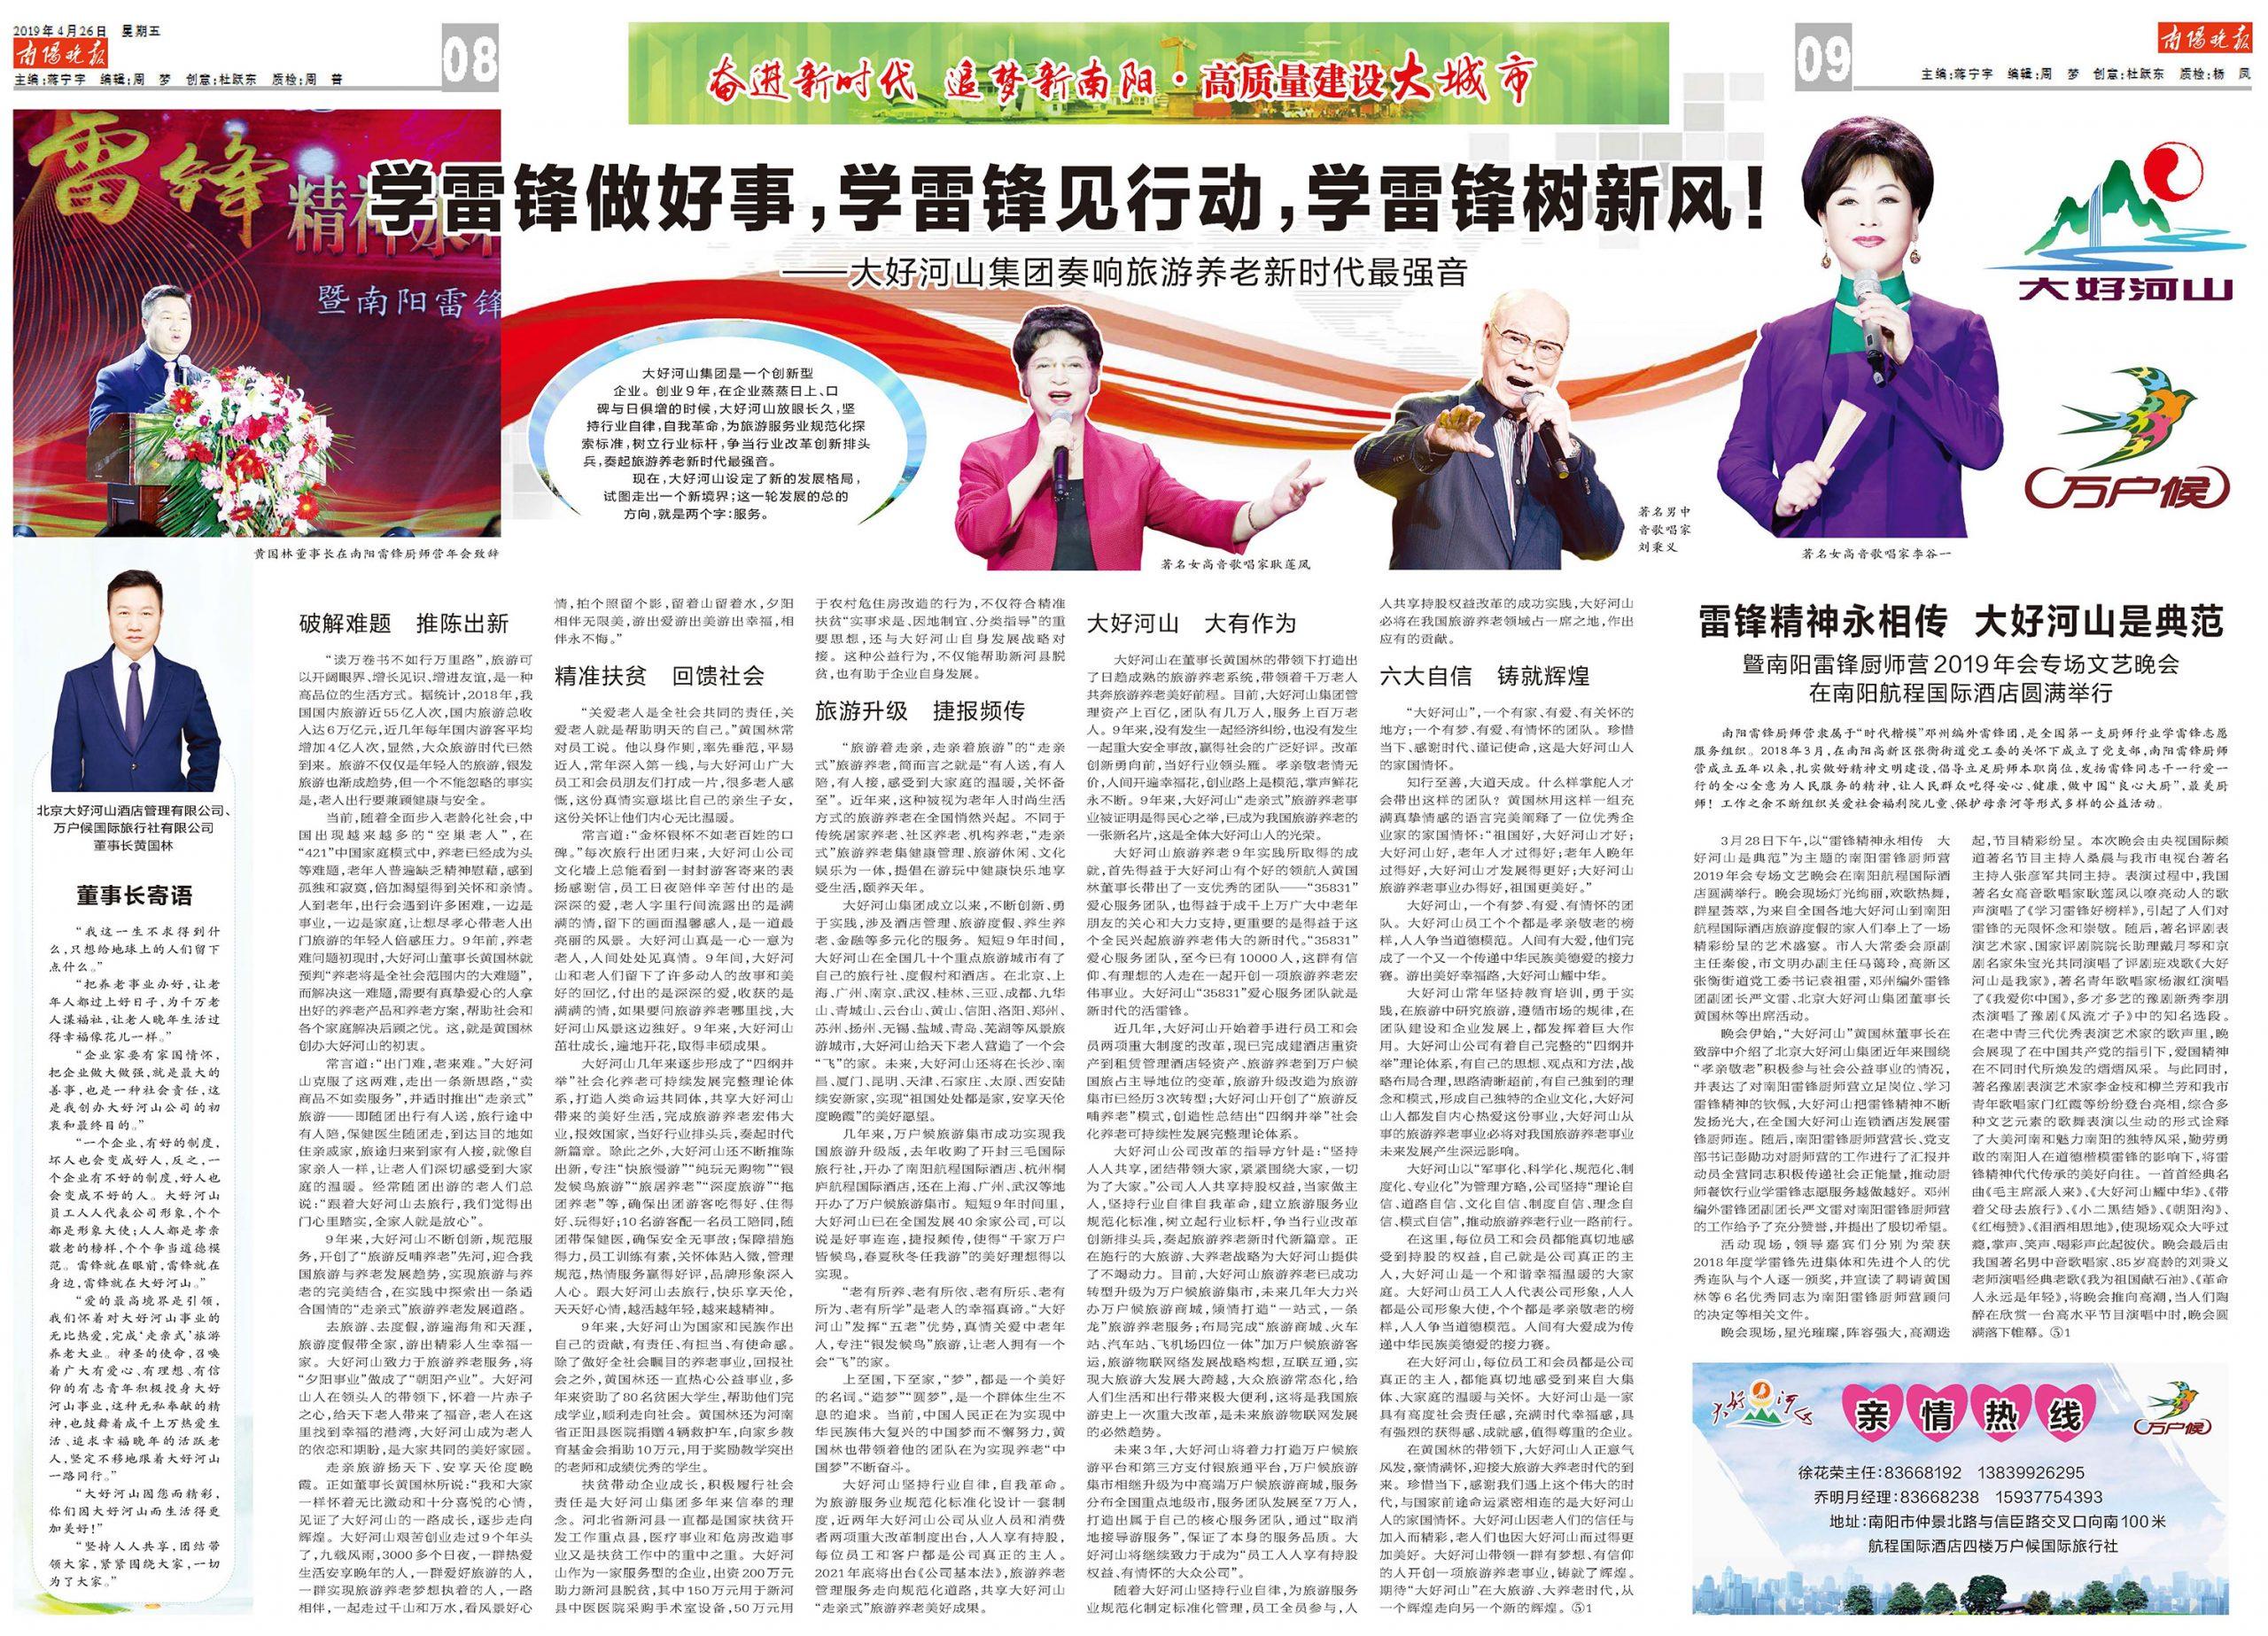 南阳晚报 2019-04-26 08-09